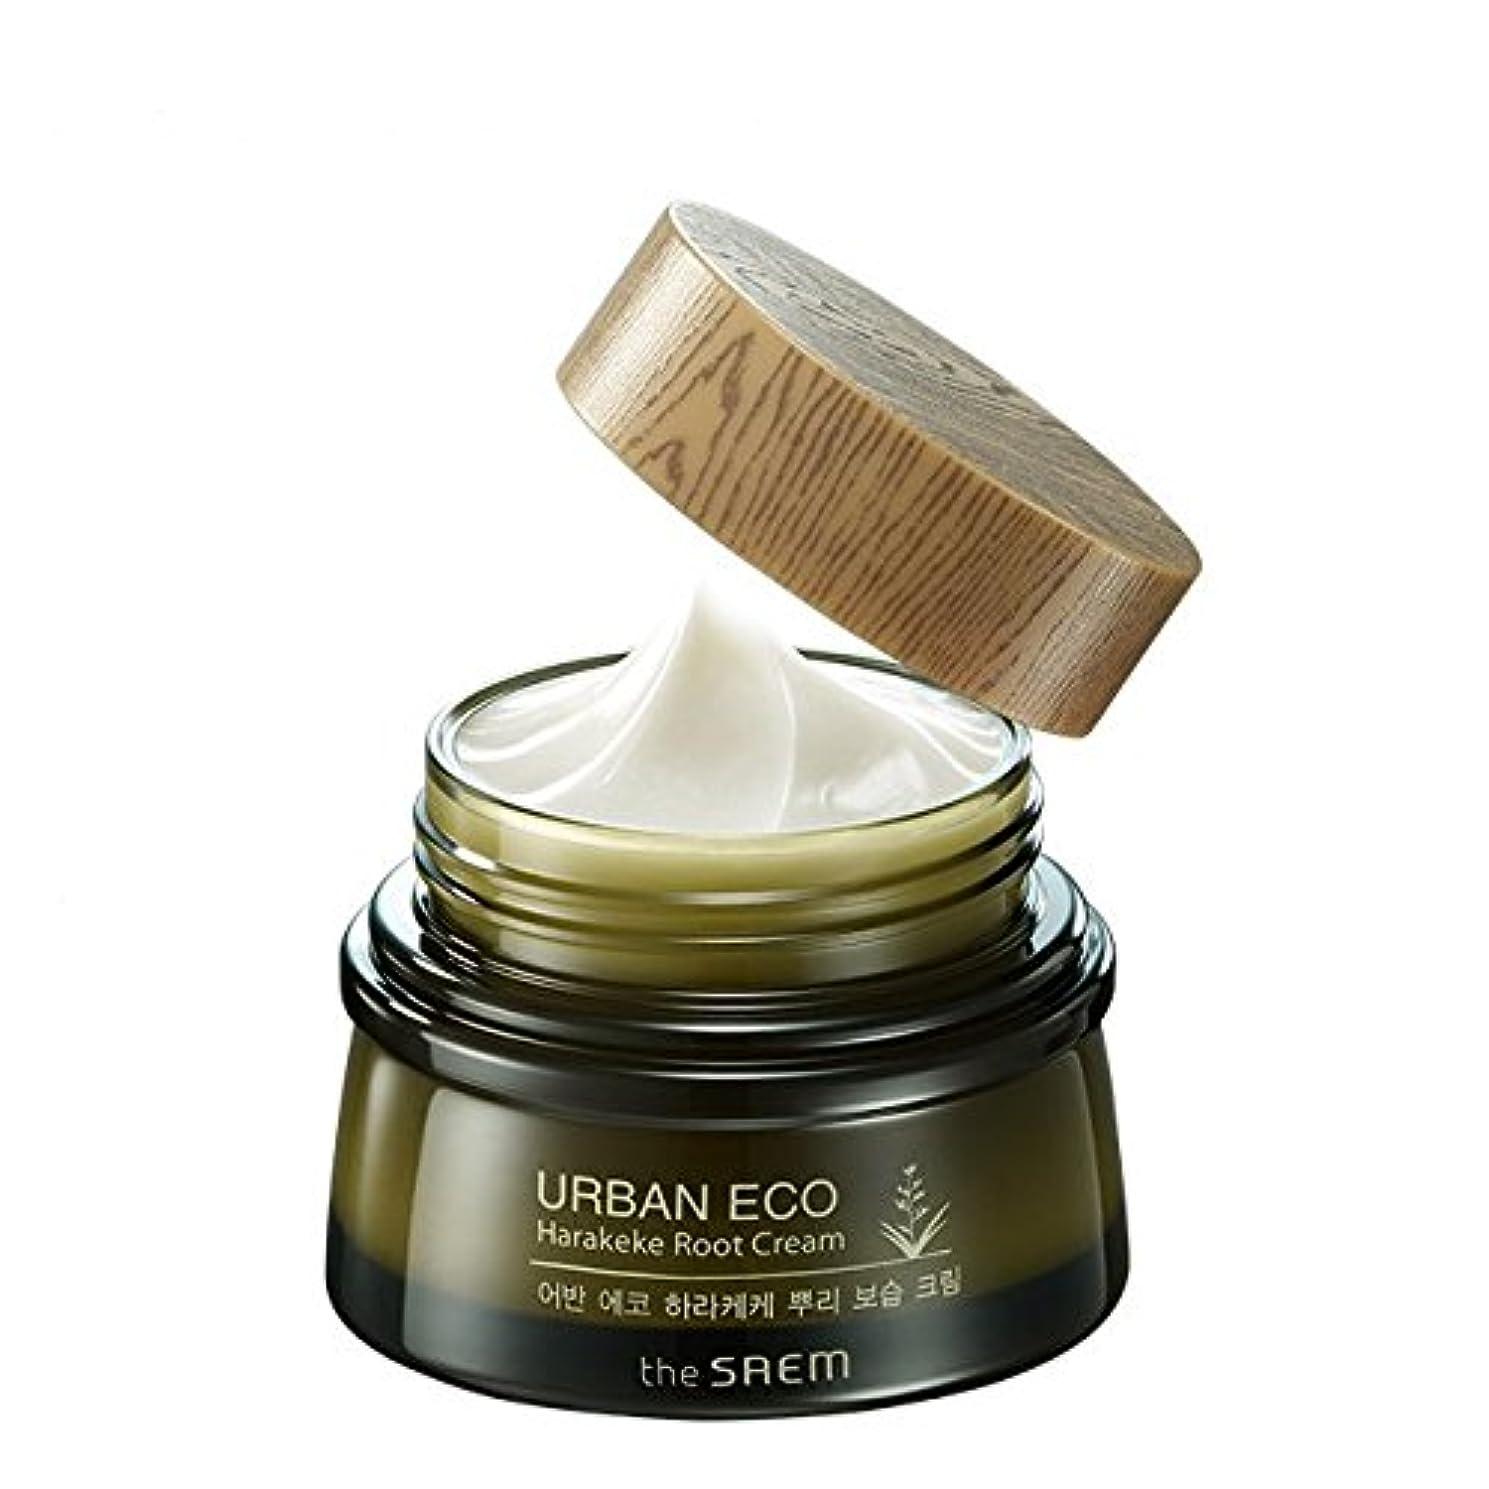 シェトランド諸島事故マラソン[ザセム] The Saem [アーバンエコ ハラケケ 根保湿クリーム60ml (The Saem Urban Eco Harakeke Root Cream60ml)